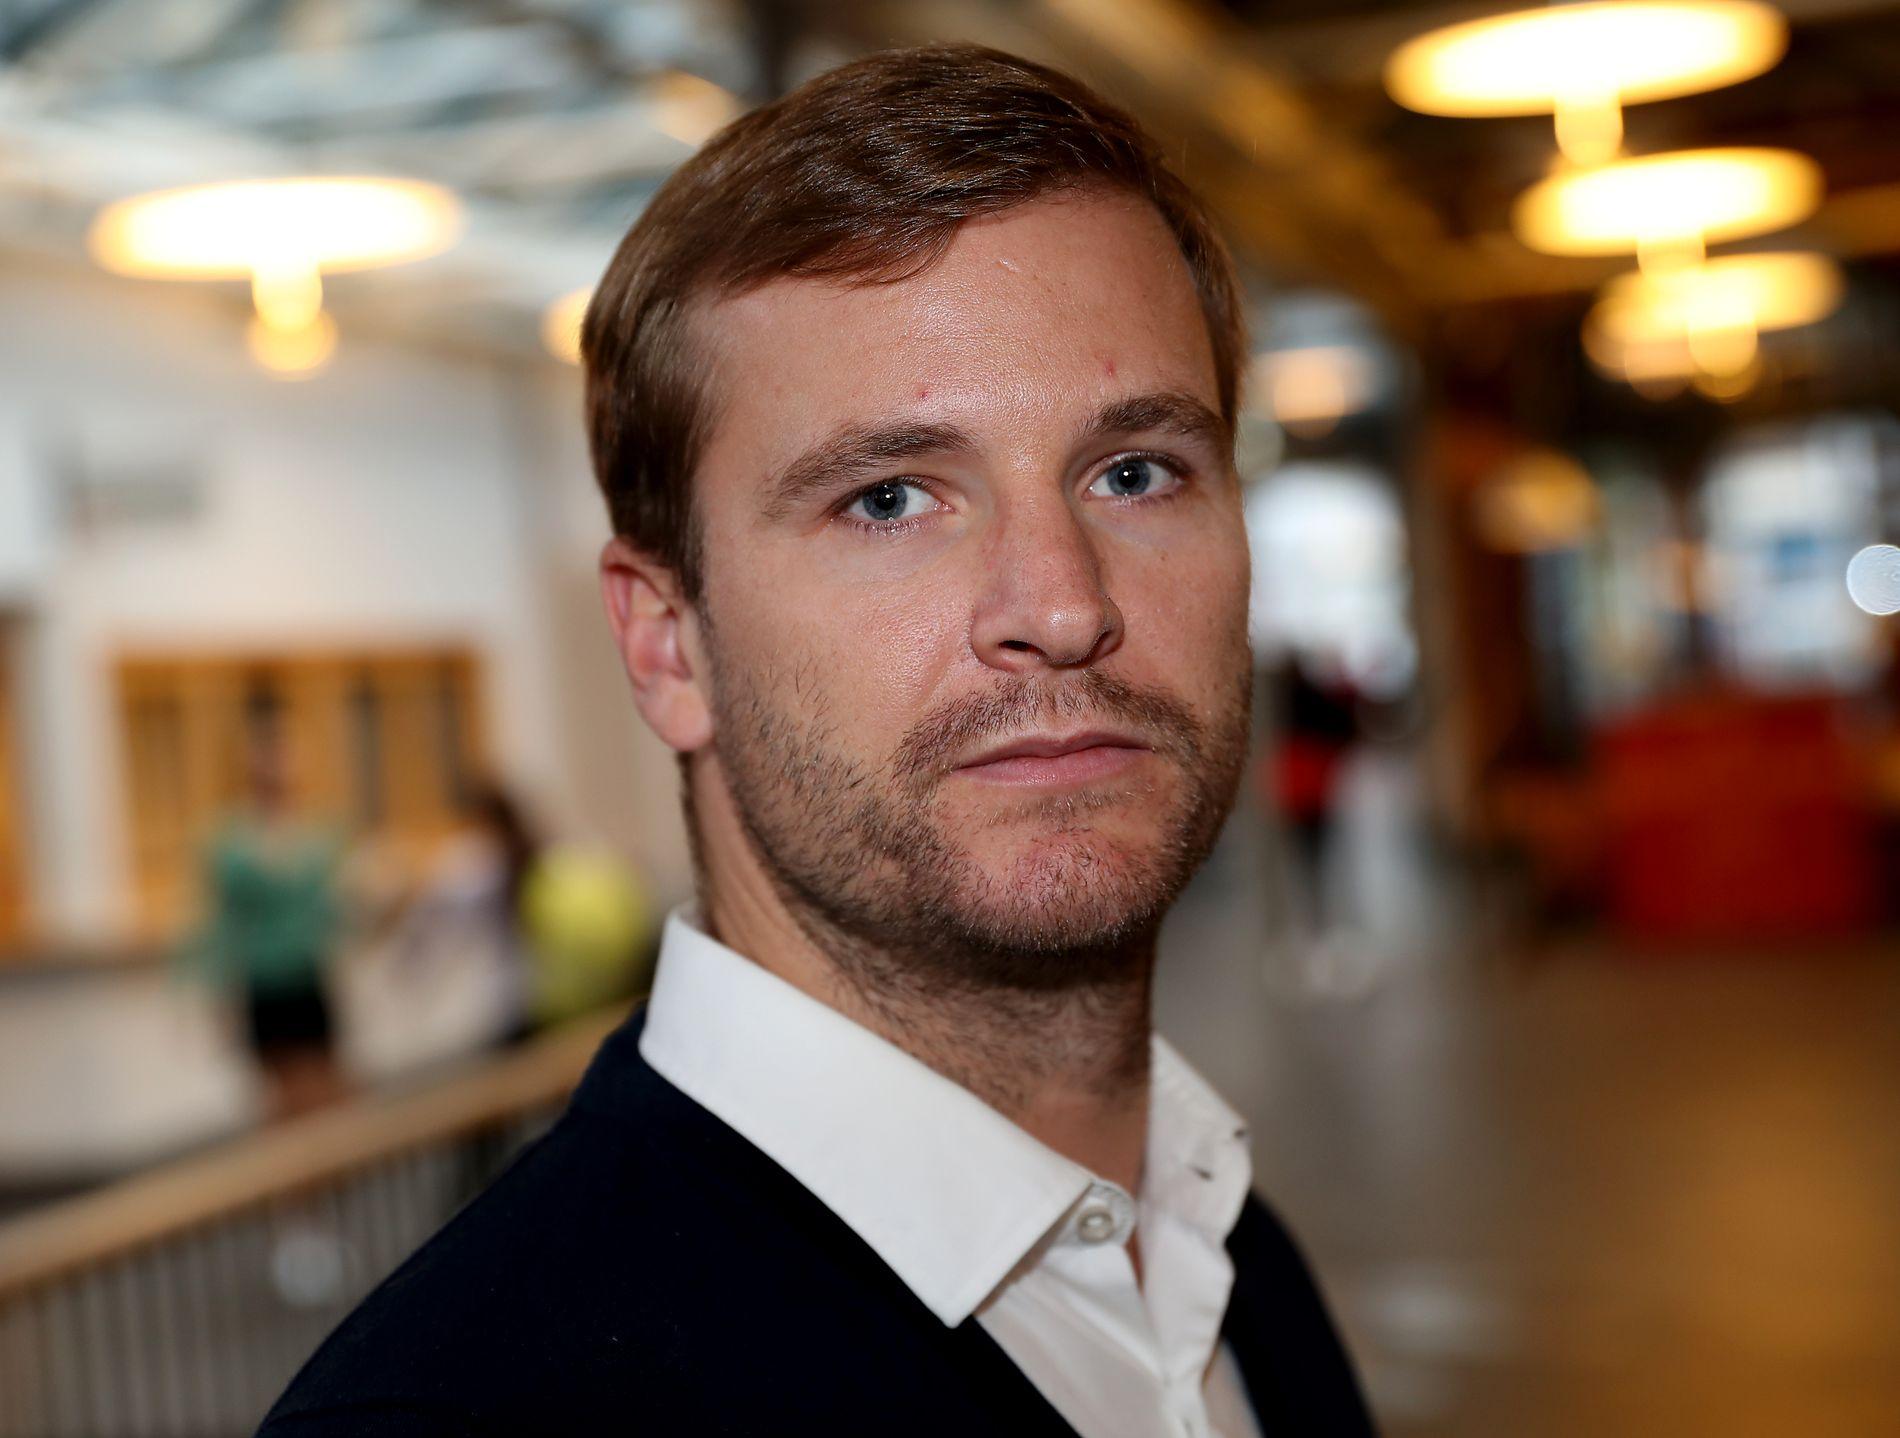 EKSPERT PÅ DOMMERADFERD: – Åpenhet rundt forhold som er relevante for habilitetsspørsmålet er etter min mening helt avgjørende, sier stipendiat Morten Nadim ved Universitetet i Bergen.